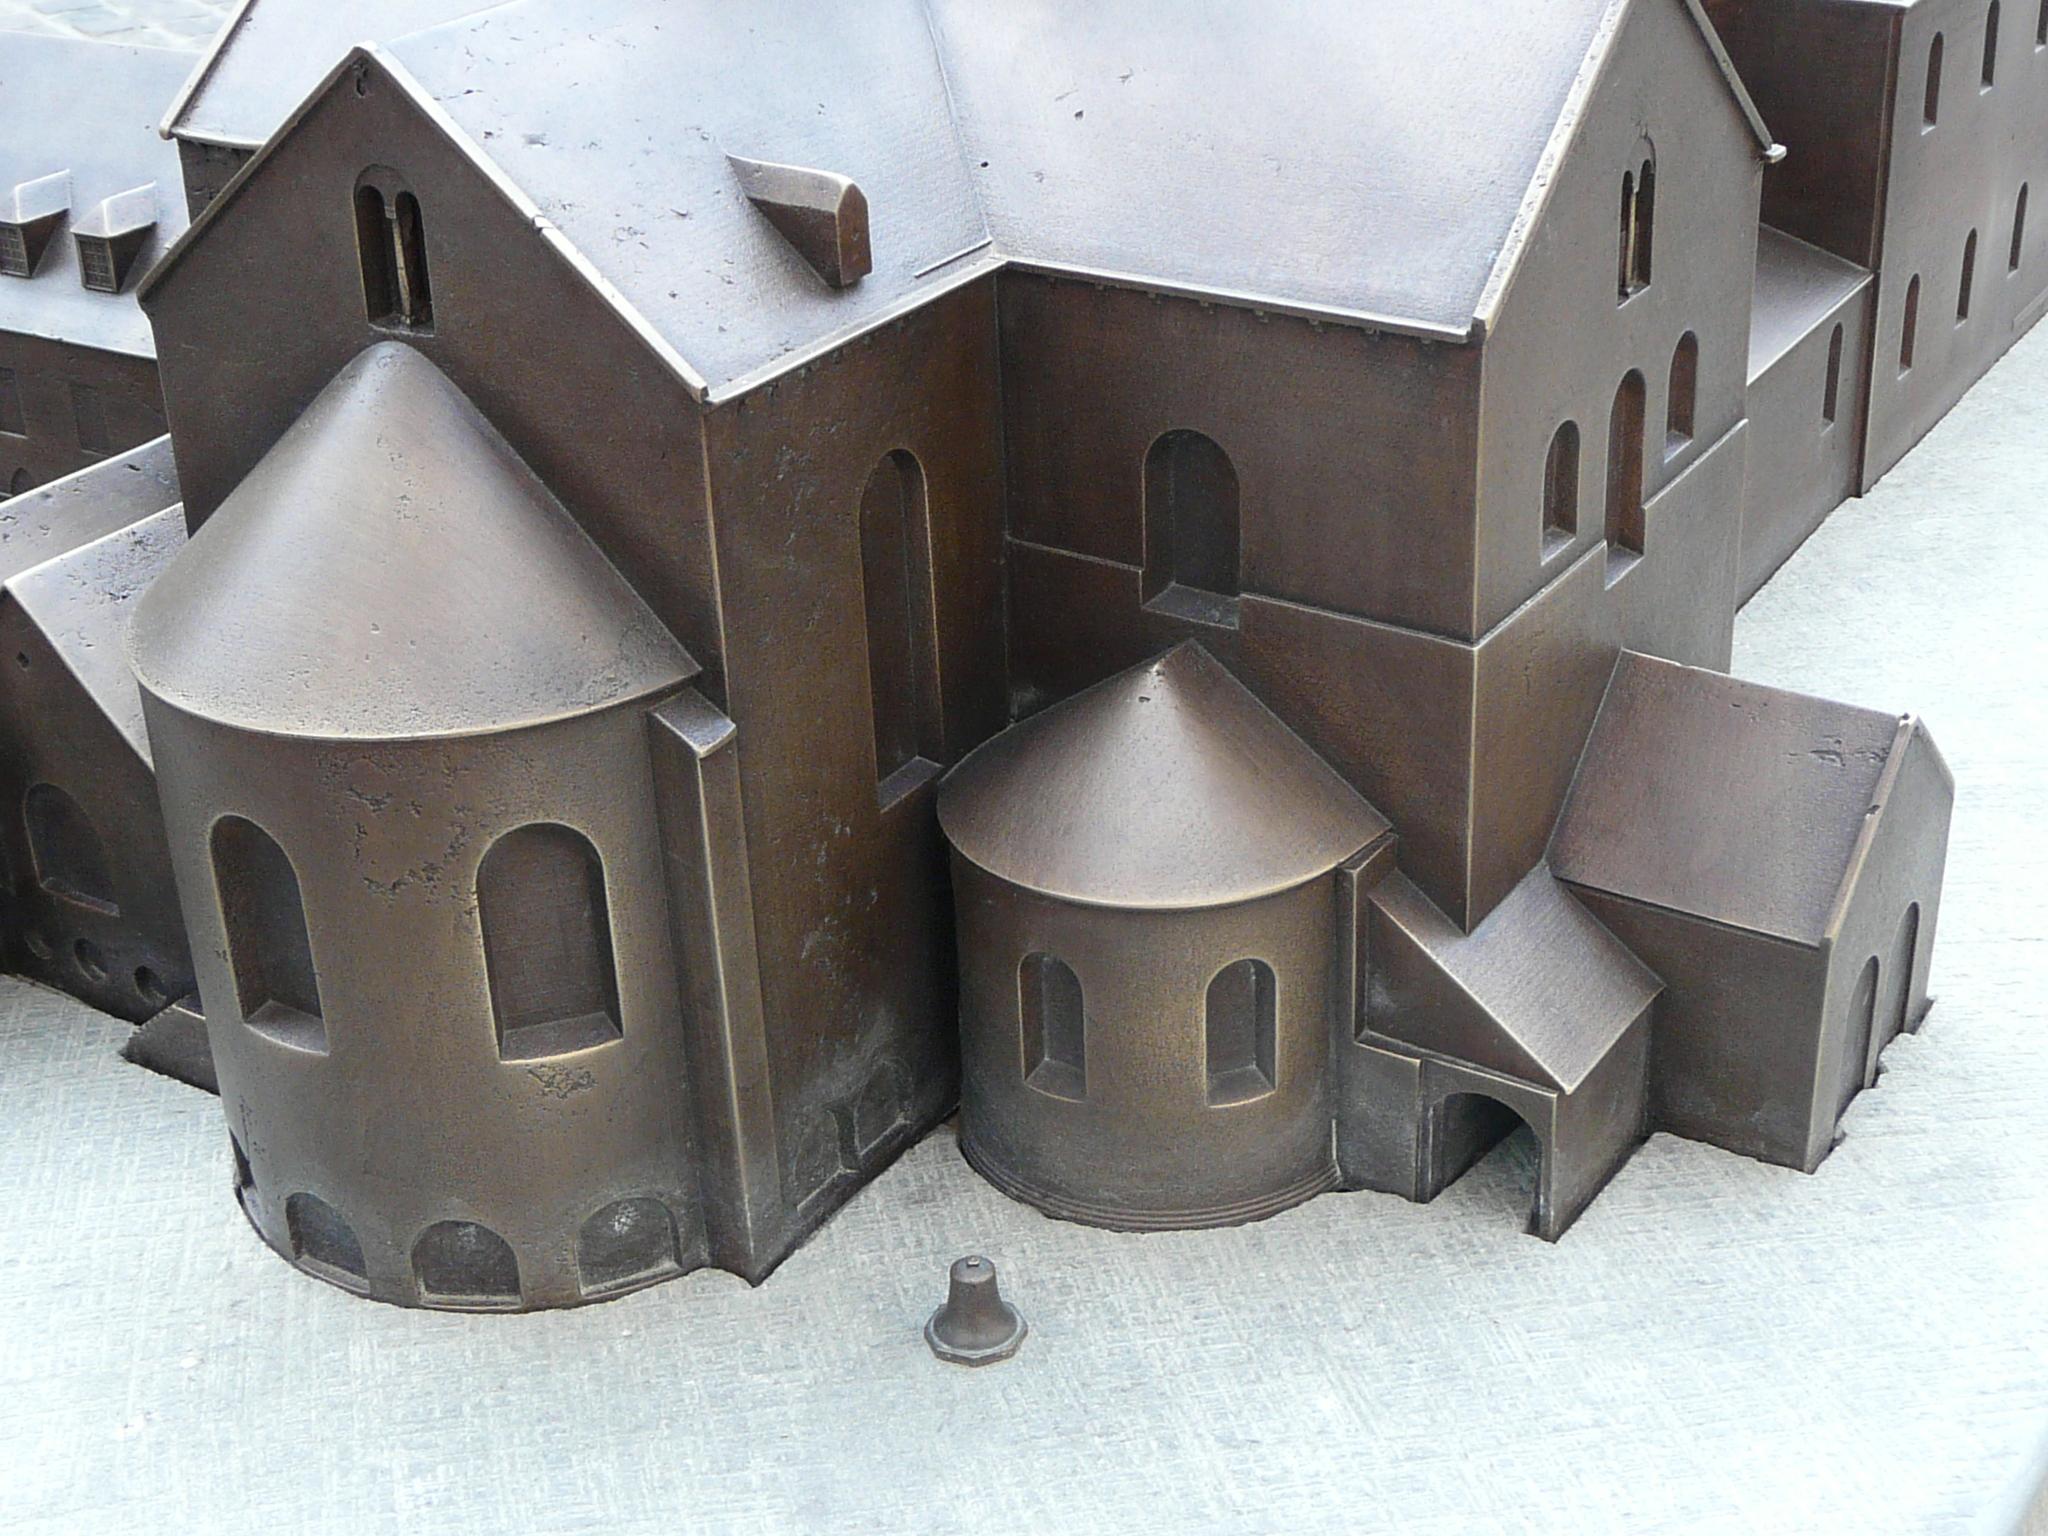 Fabrica_Tastmodelle mit 3D-Druck